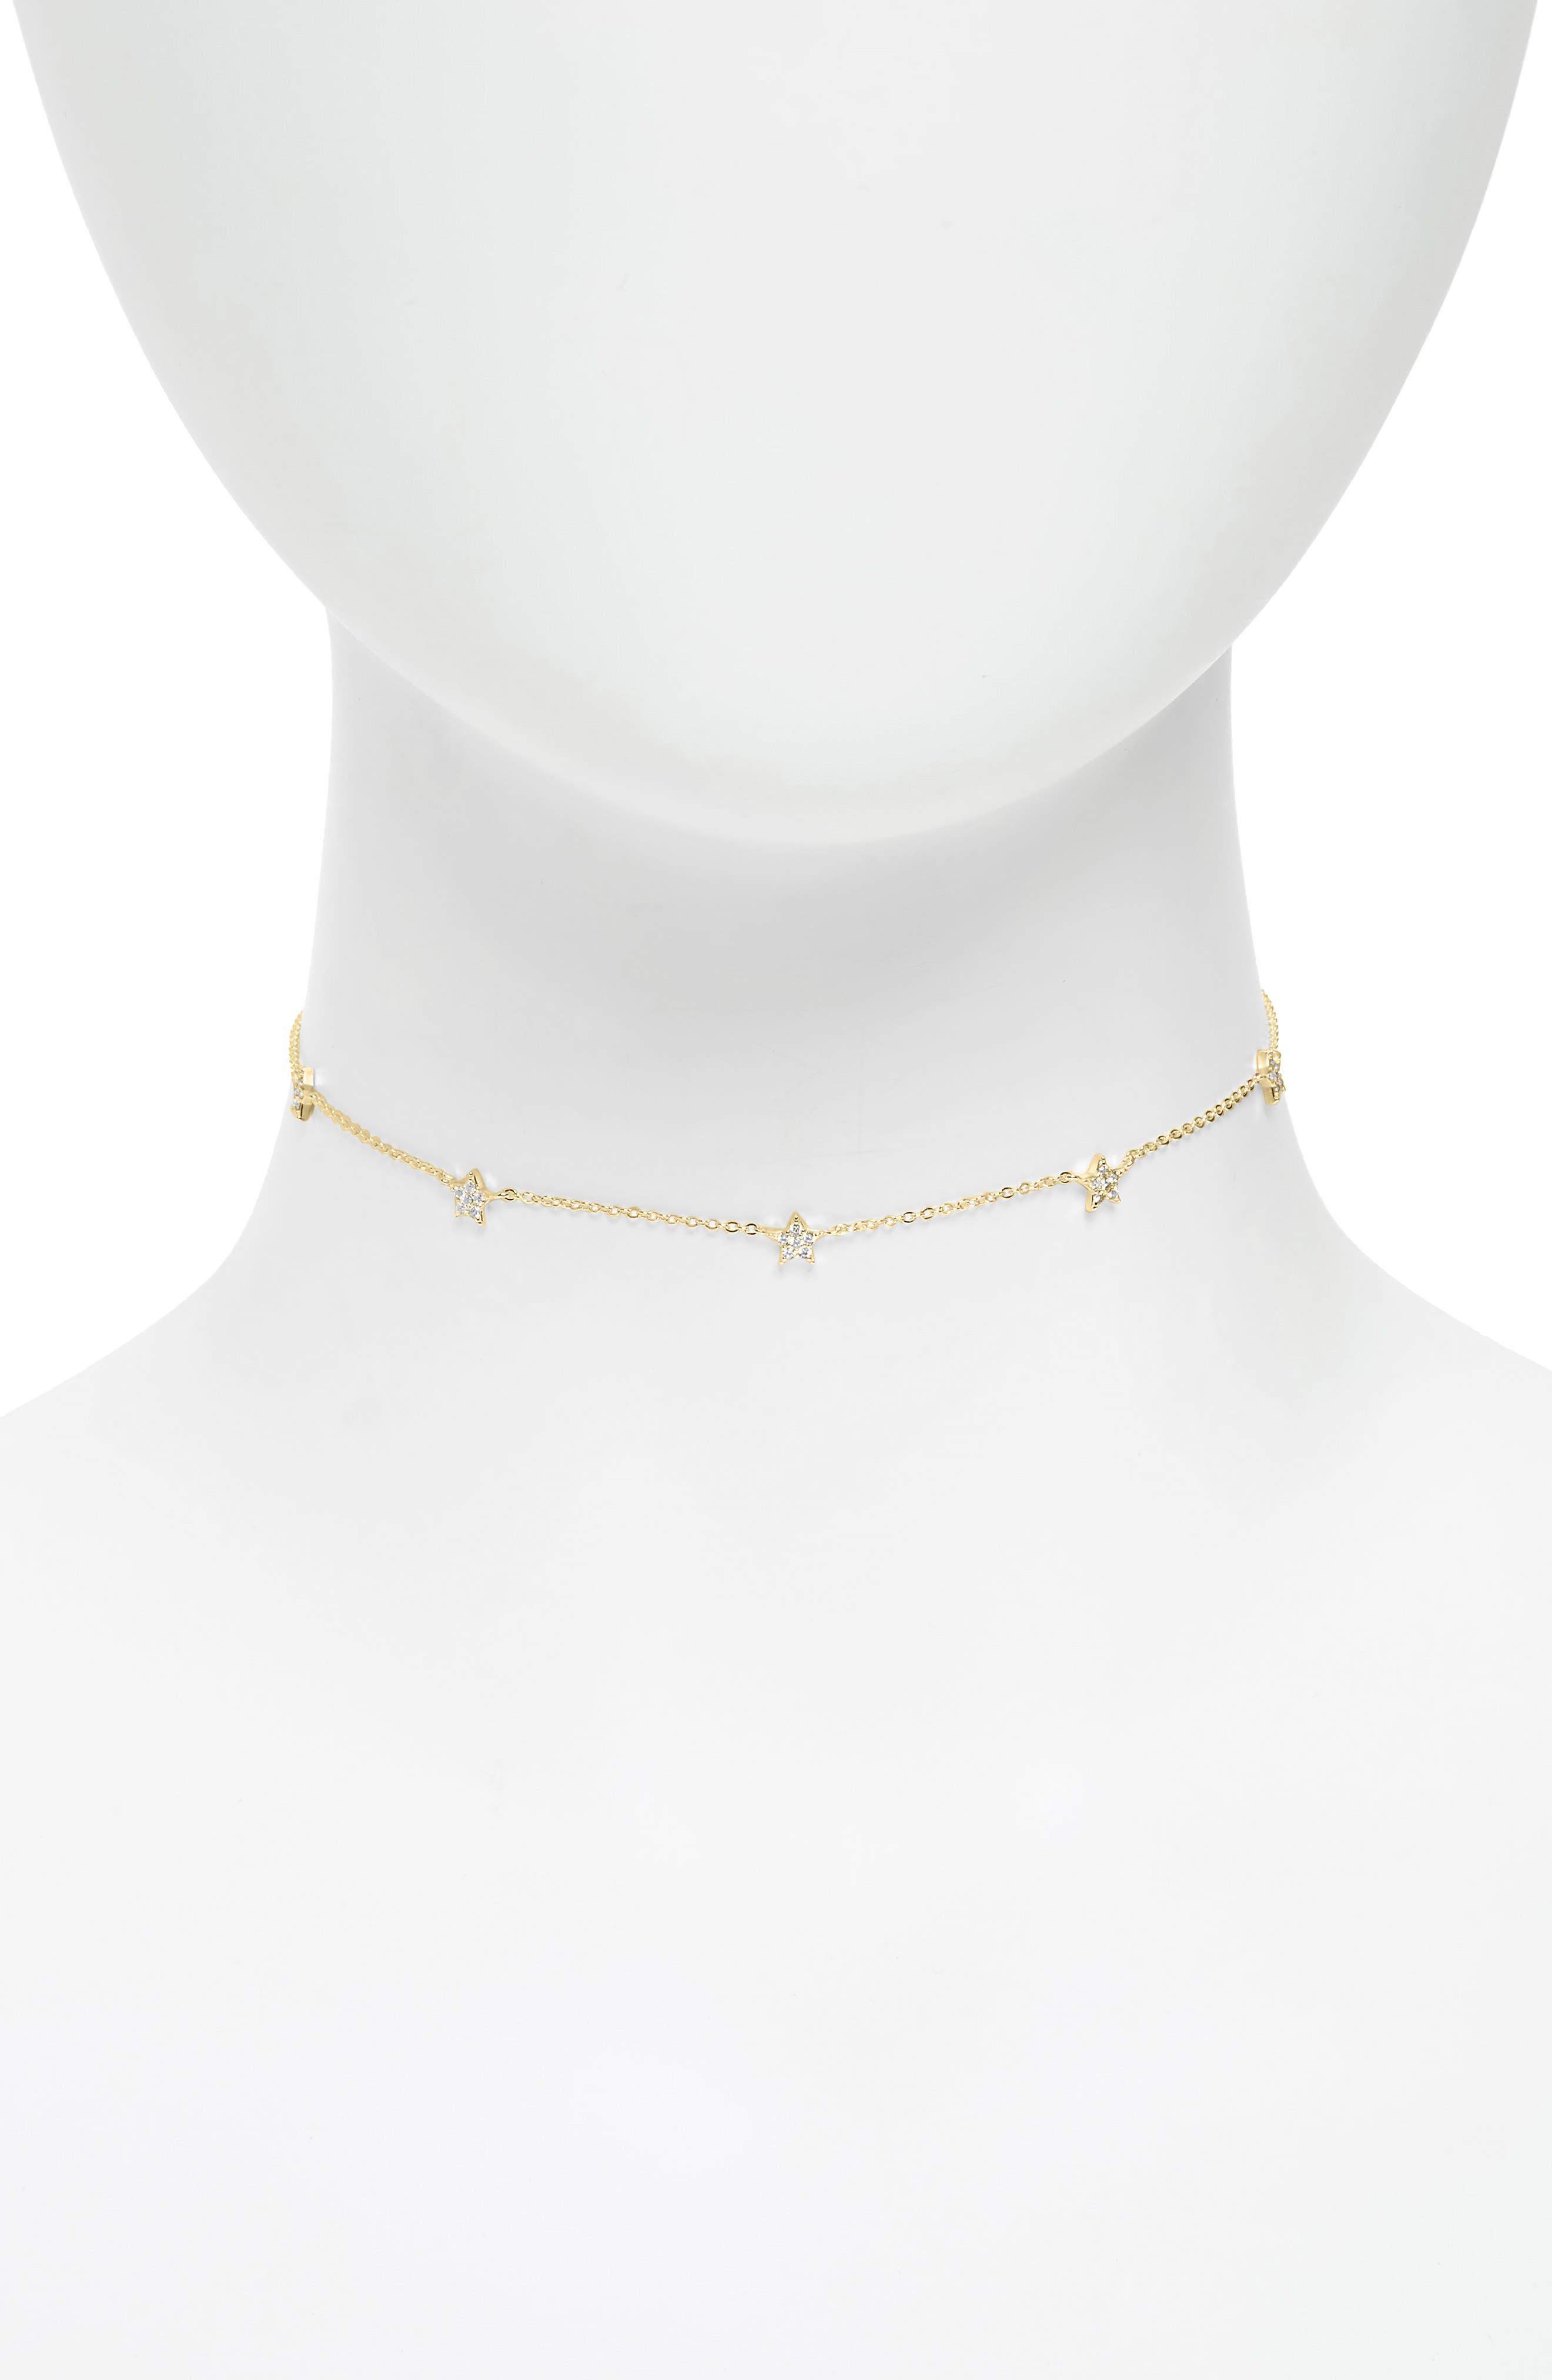 Women's Argento Vivo Pave Star Choker Necklace